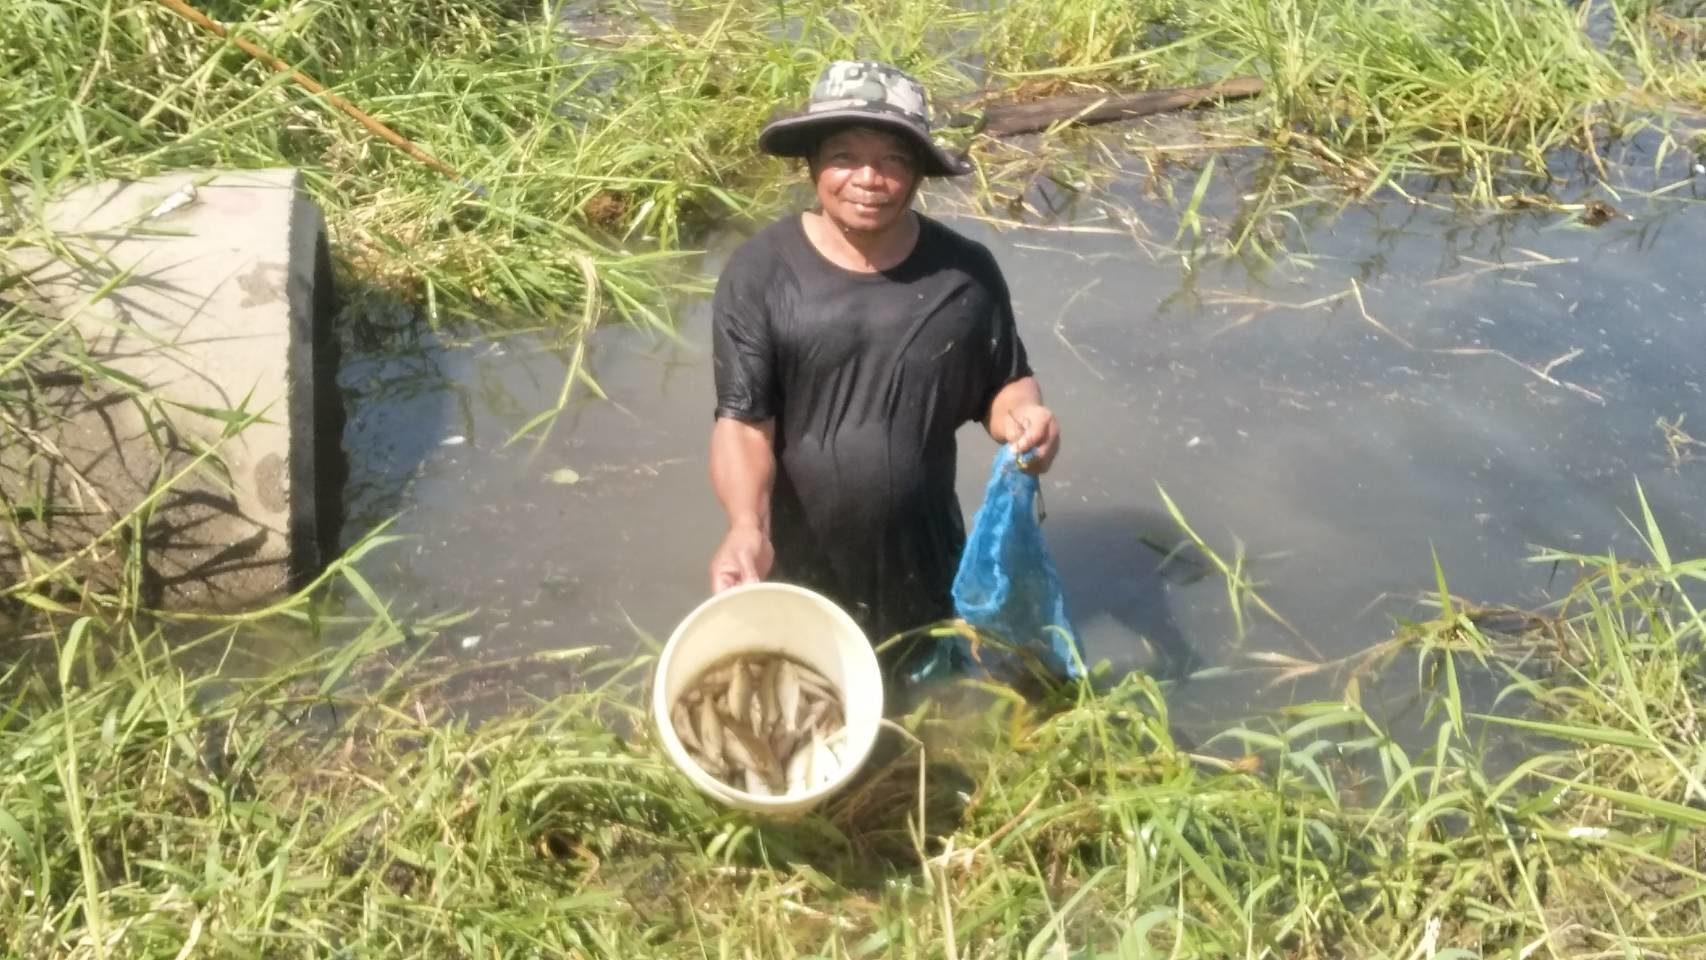 ชาวพิมายแตกตื่น ปลาน้ำในคลองตายเกลื่อน สงสัยโรงงาน ปล่อยสารพิษ วอนหน่วยงานที่เกี่ยวข้องตรวจสอบ